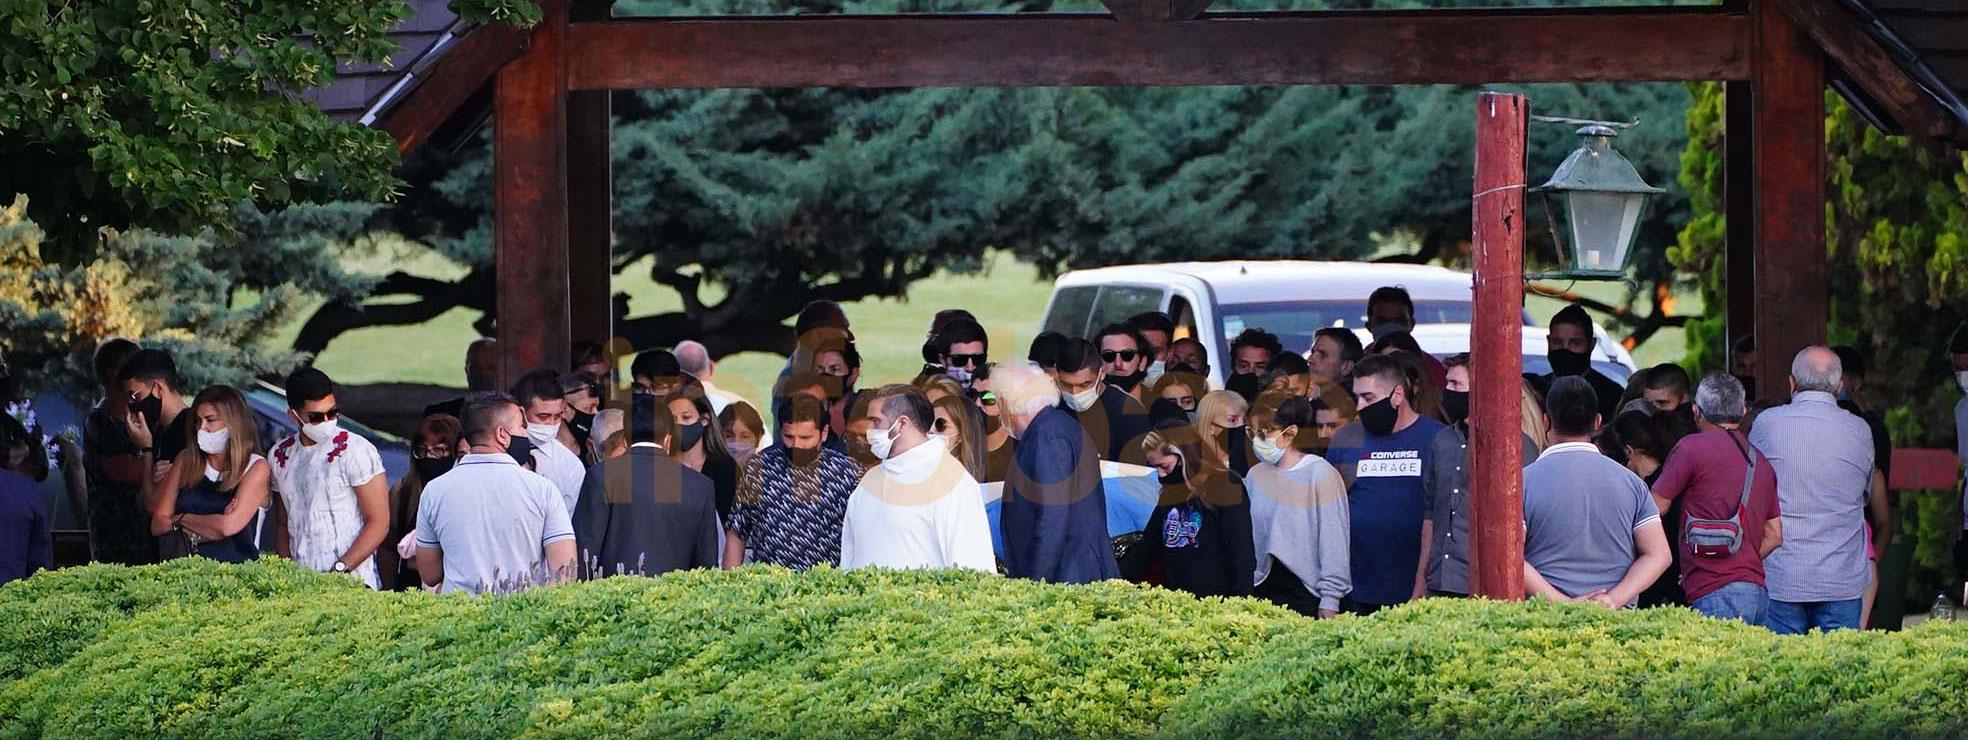 Por expreso deseo de la familia y por cuestión de privacidad la ceremonia fue íntima, únicamente para sus allegados y amigos más cercanos